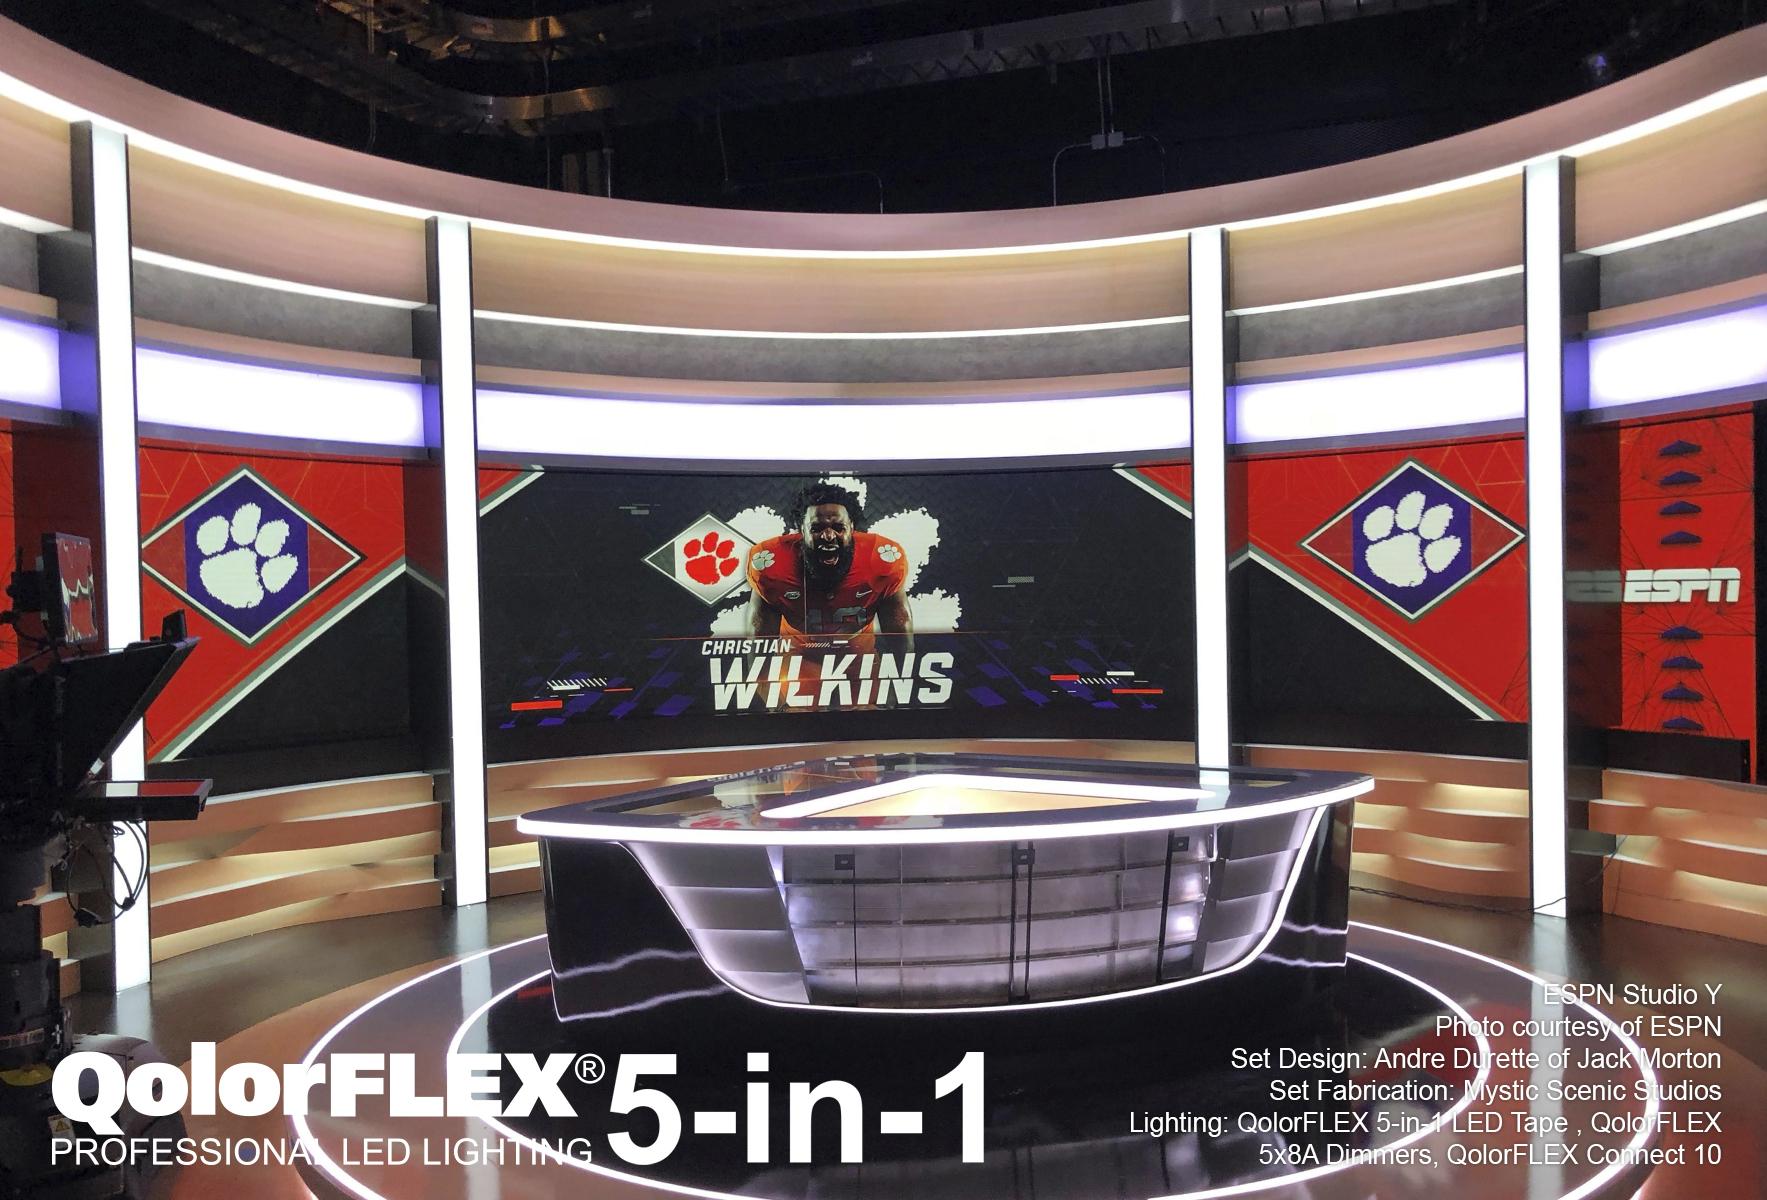 QolorFLEX at ESPN Studio Y